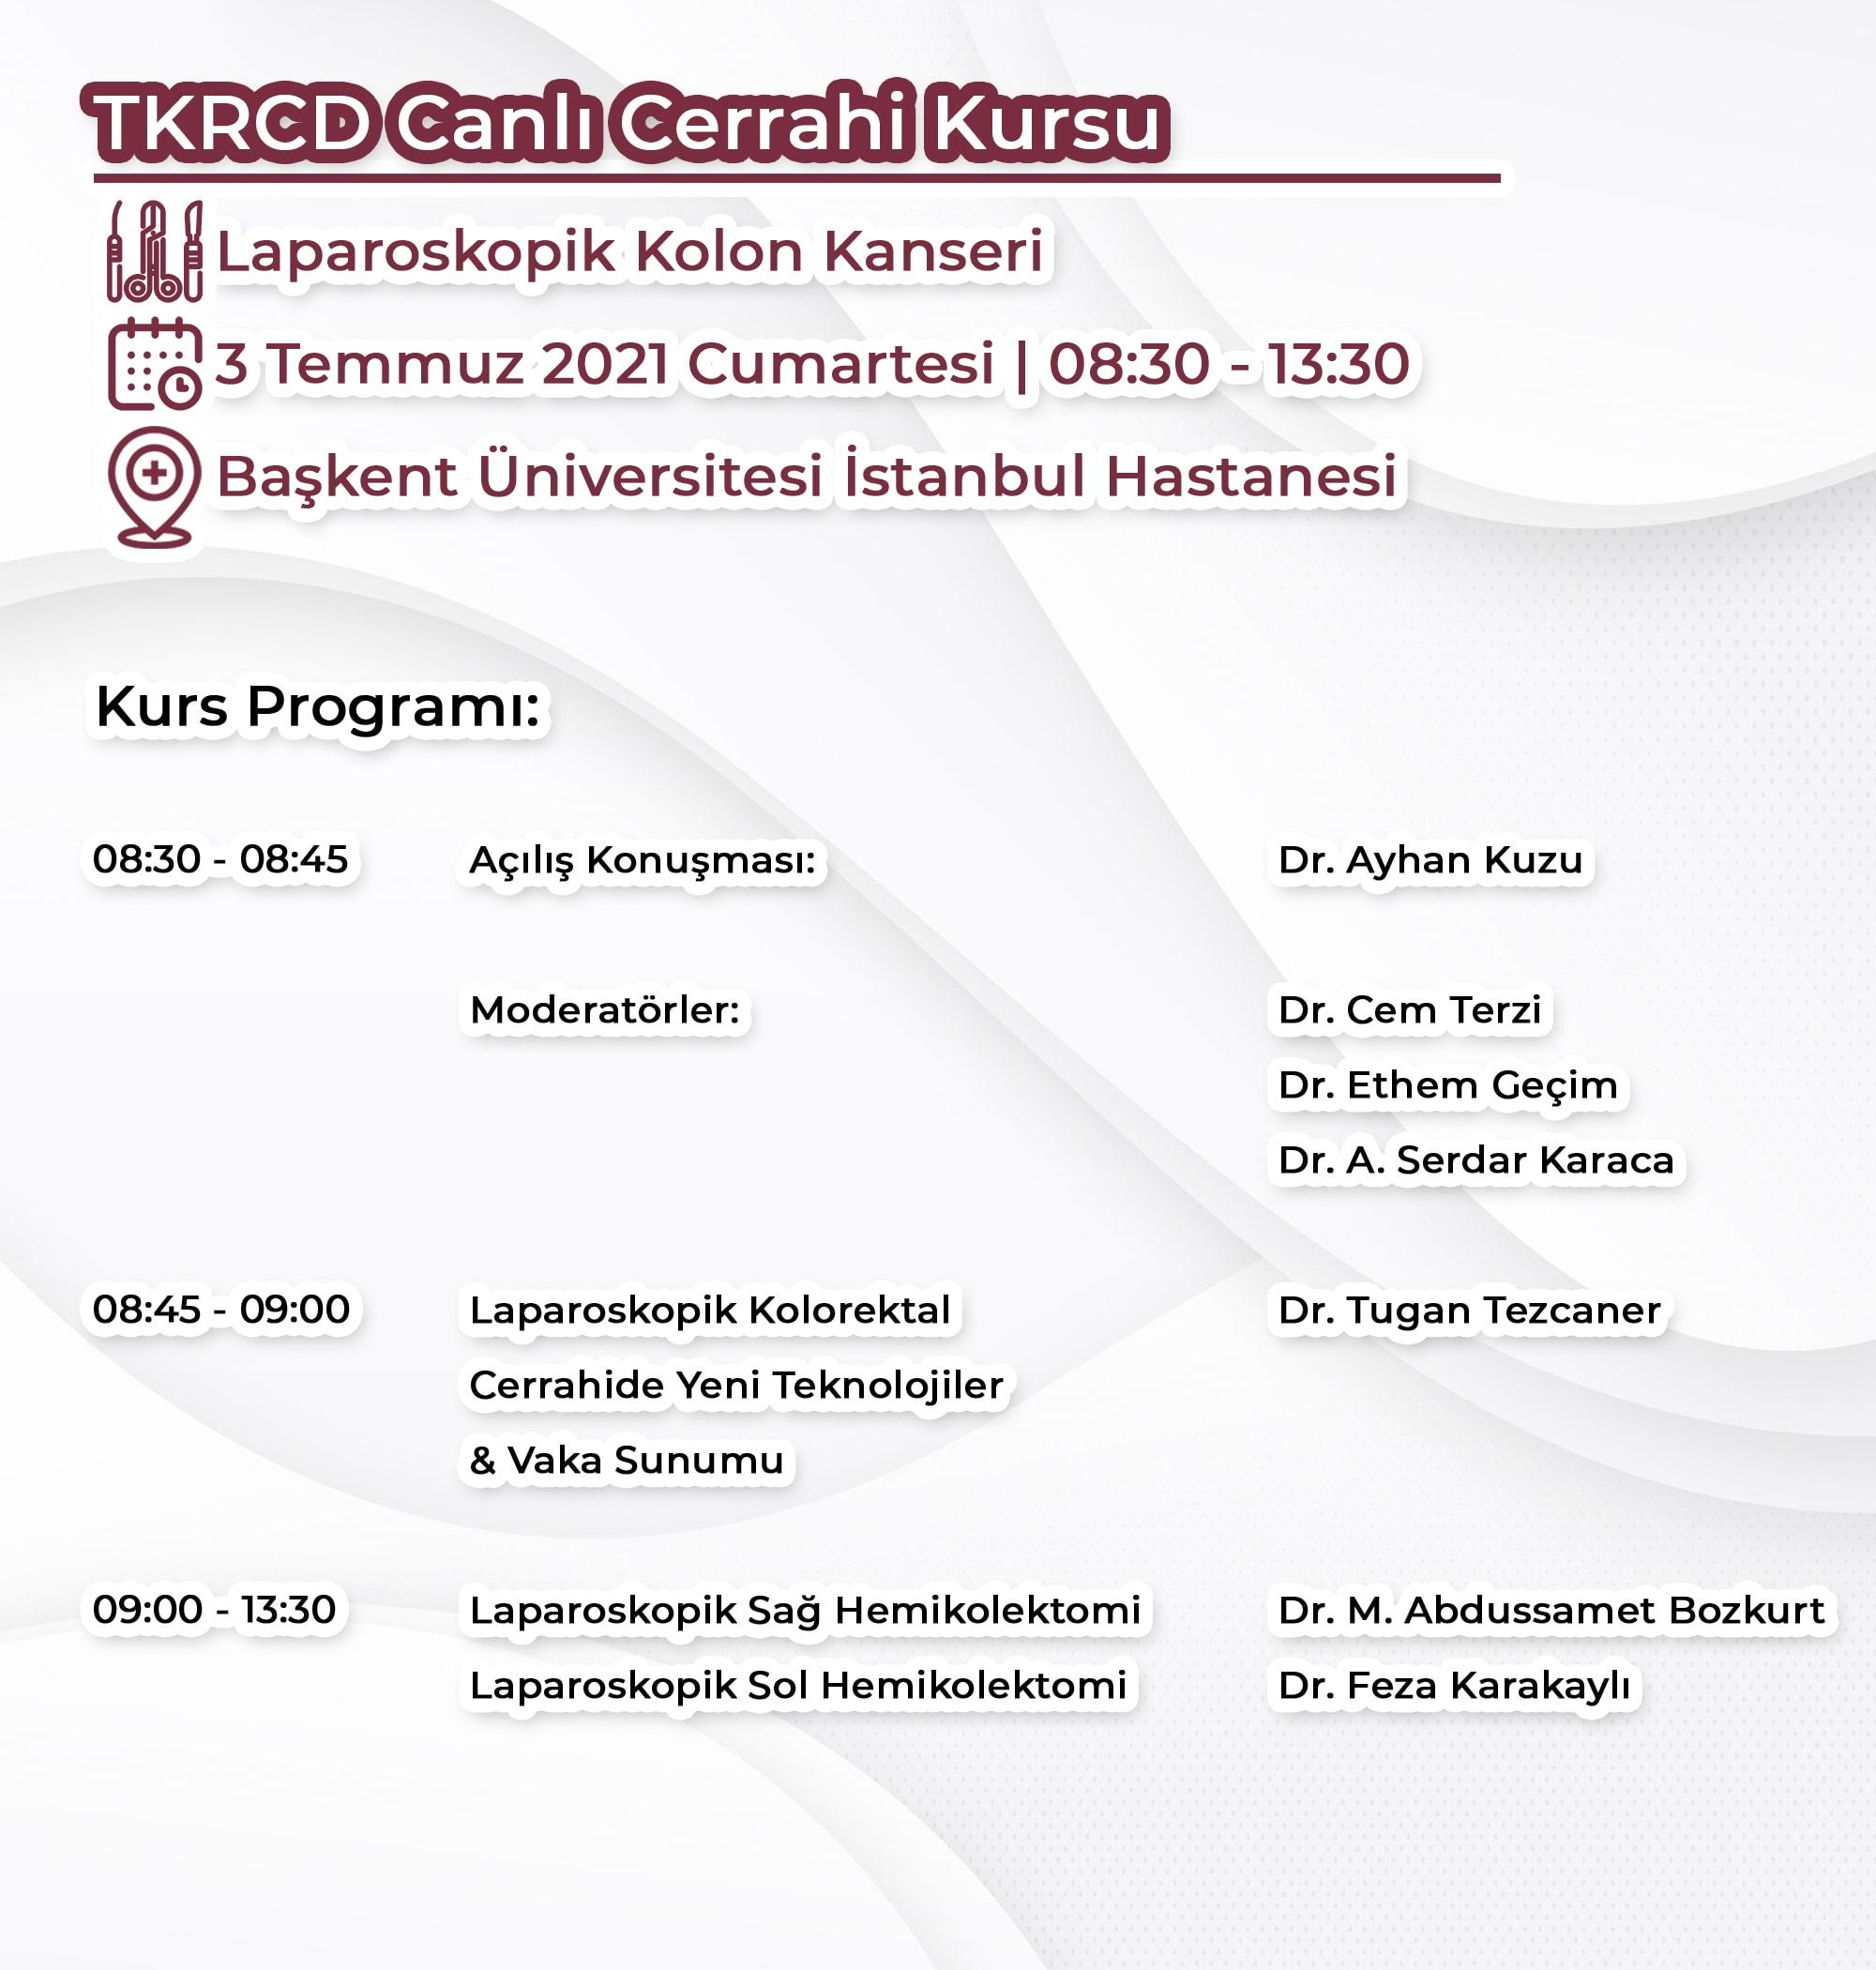 TKRCD Canlı Cerrahi Kursu (Online)